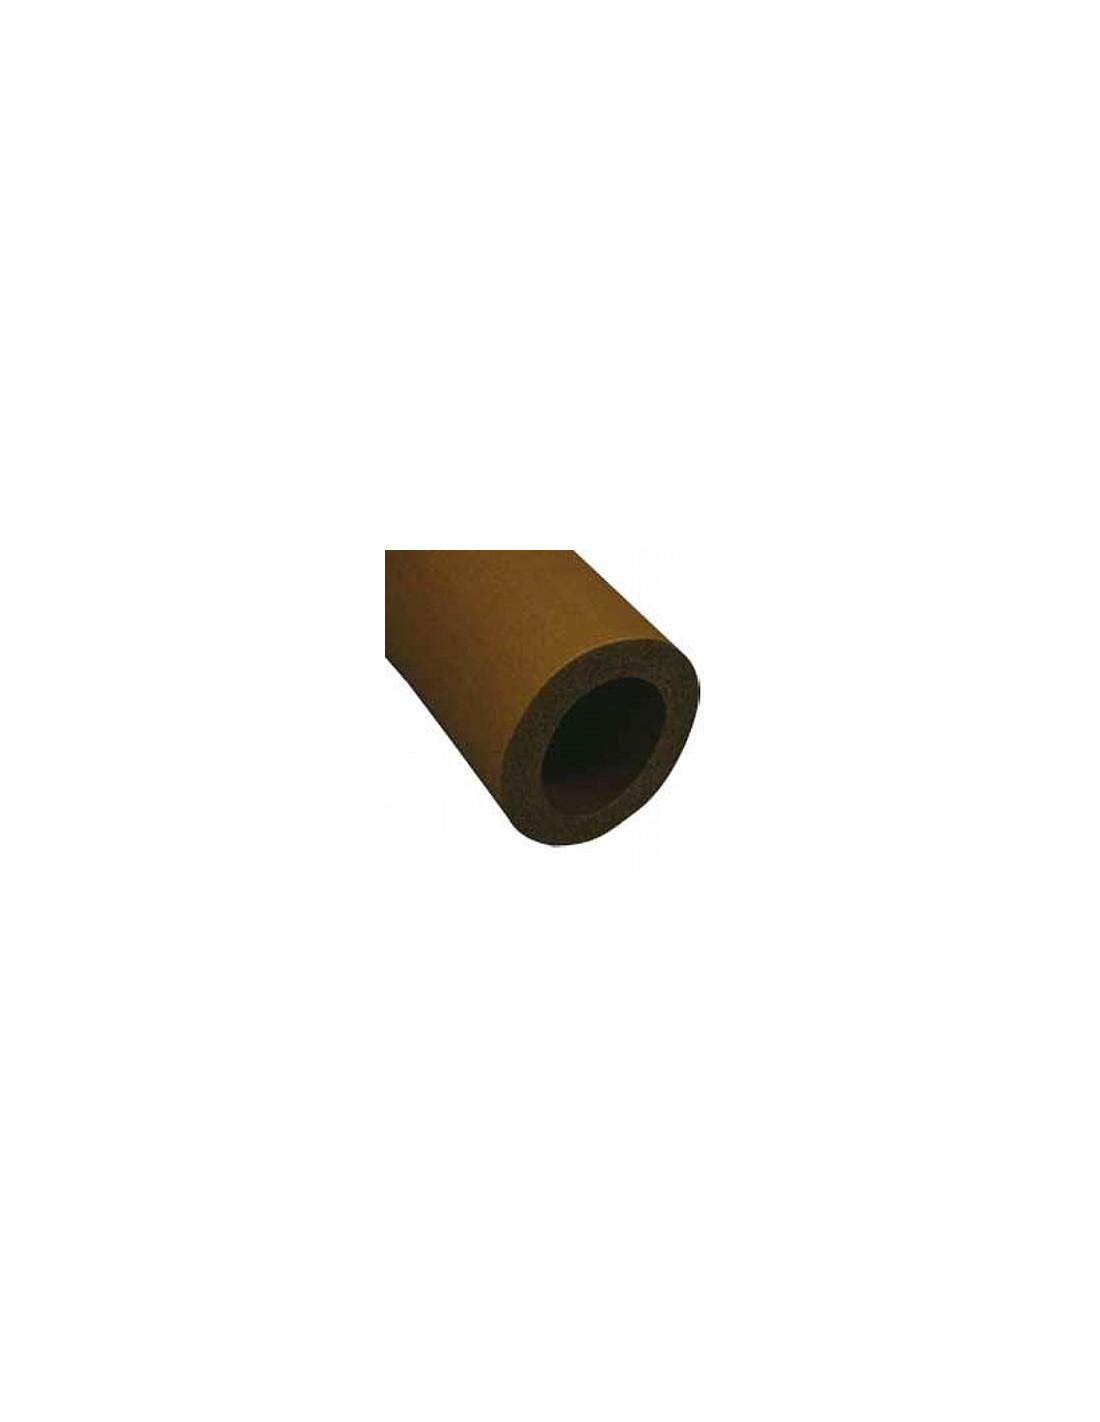 UPP00086 - Rörisolering 12x22mm